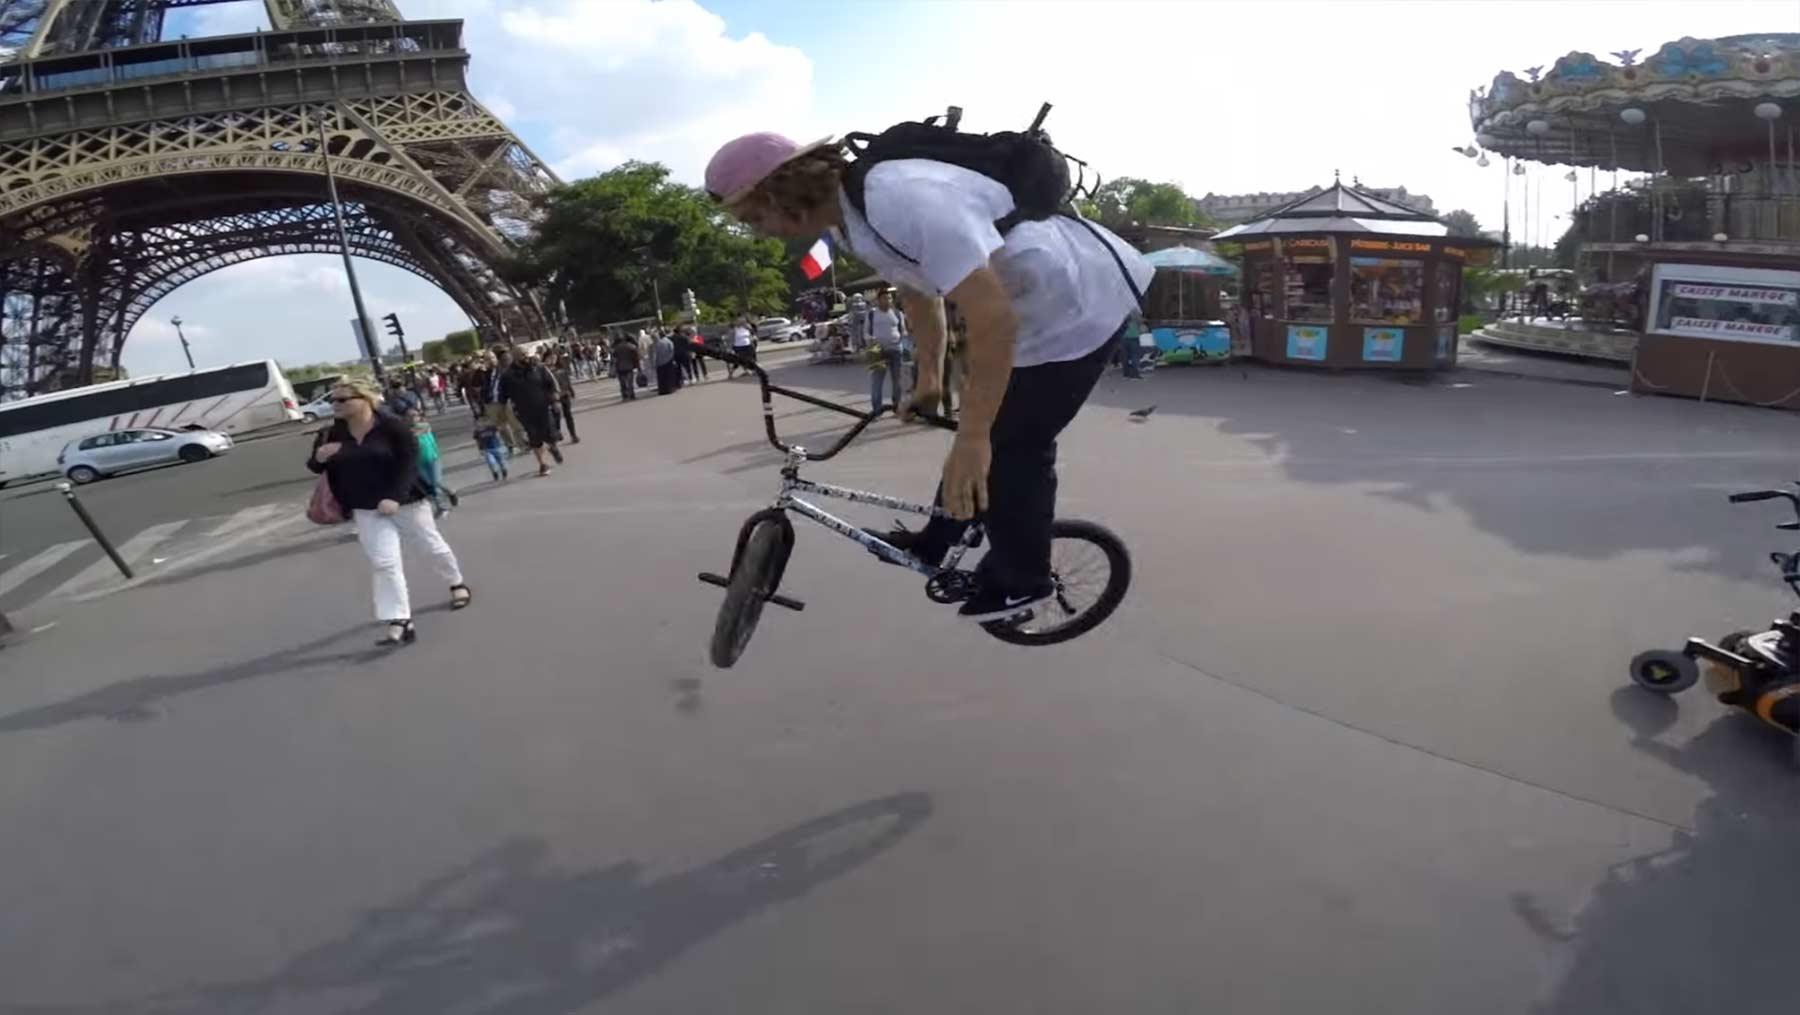 Europarundreise auf dem BMX BMX-Europa-tour